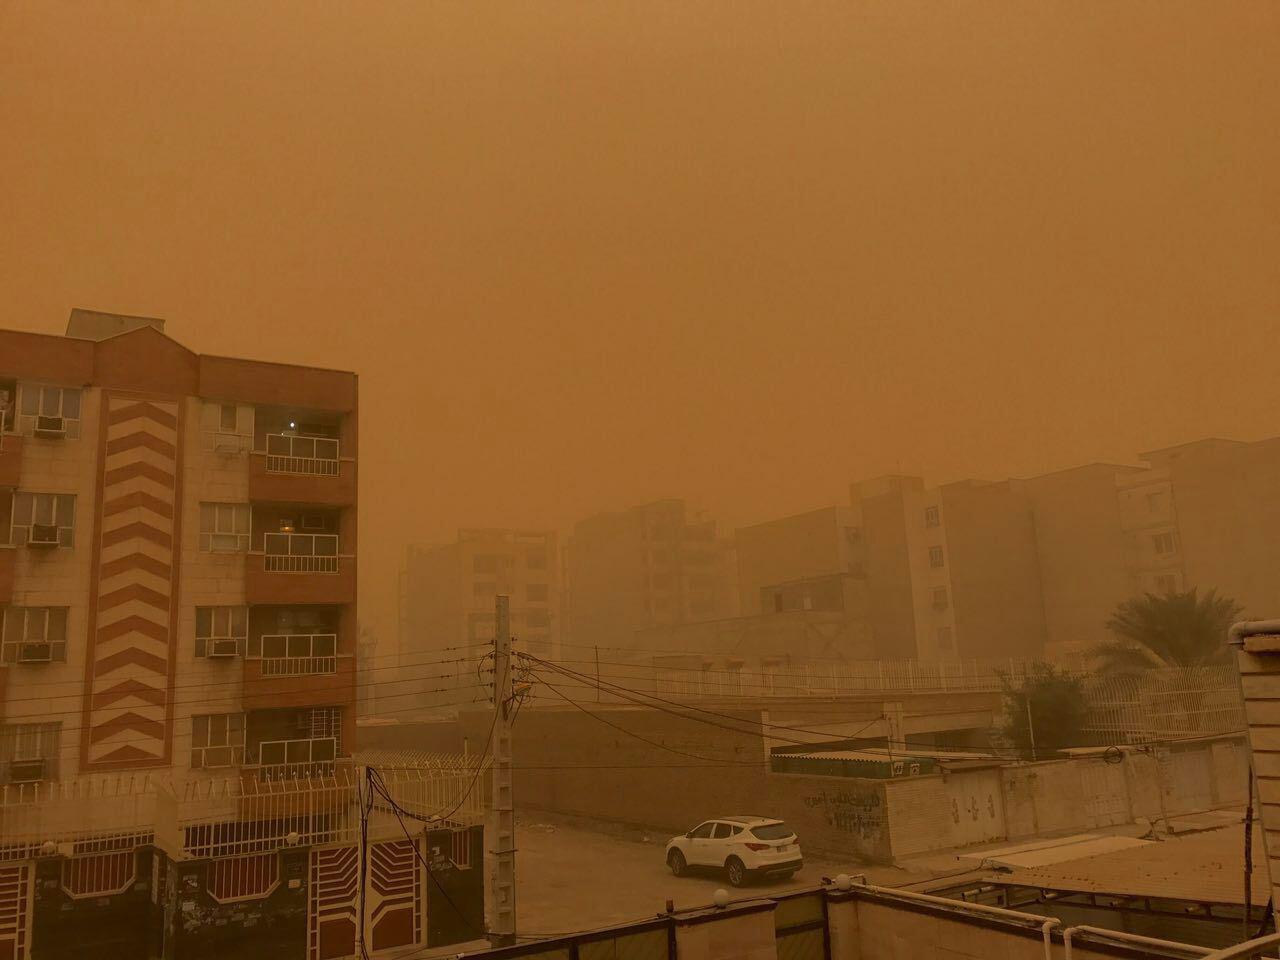 تا باران نبارد گردوغبار از خوزستان نمیرود